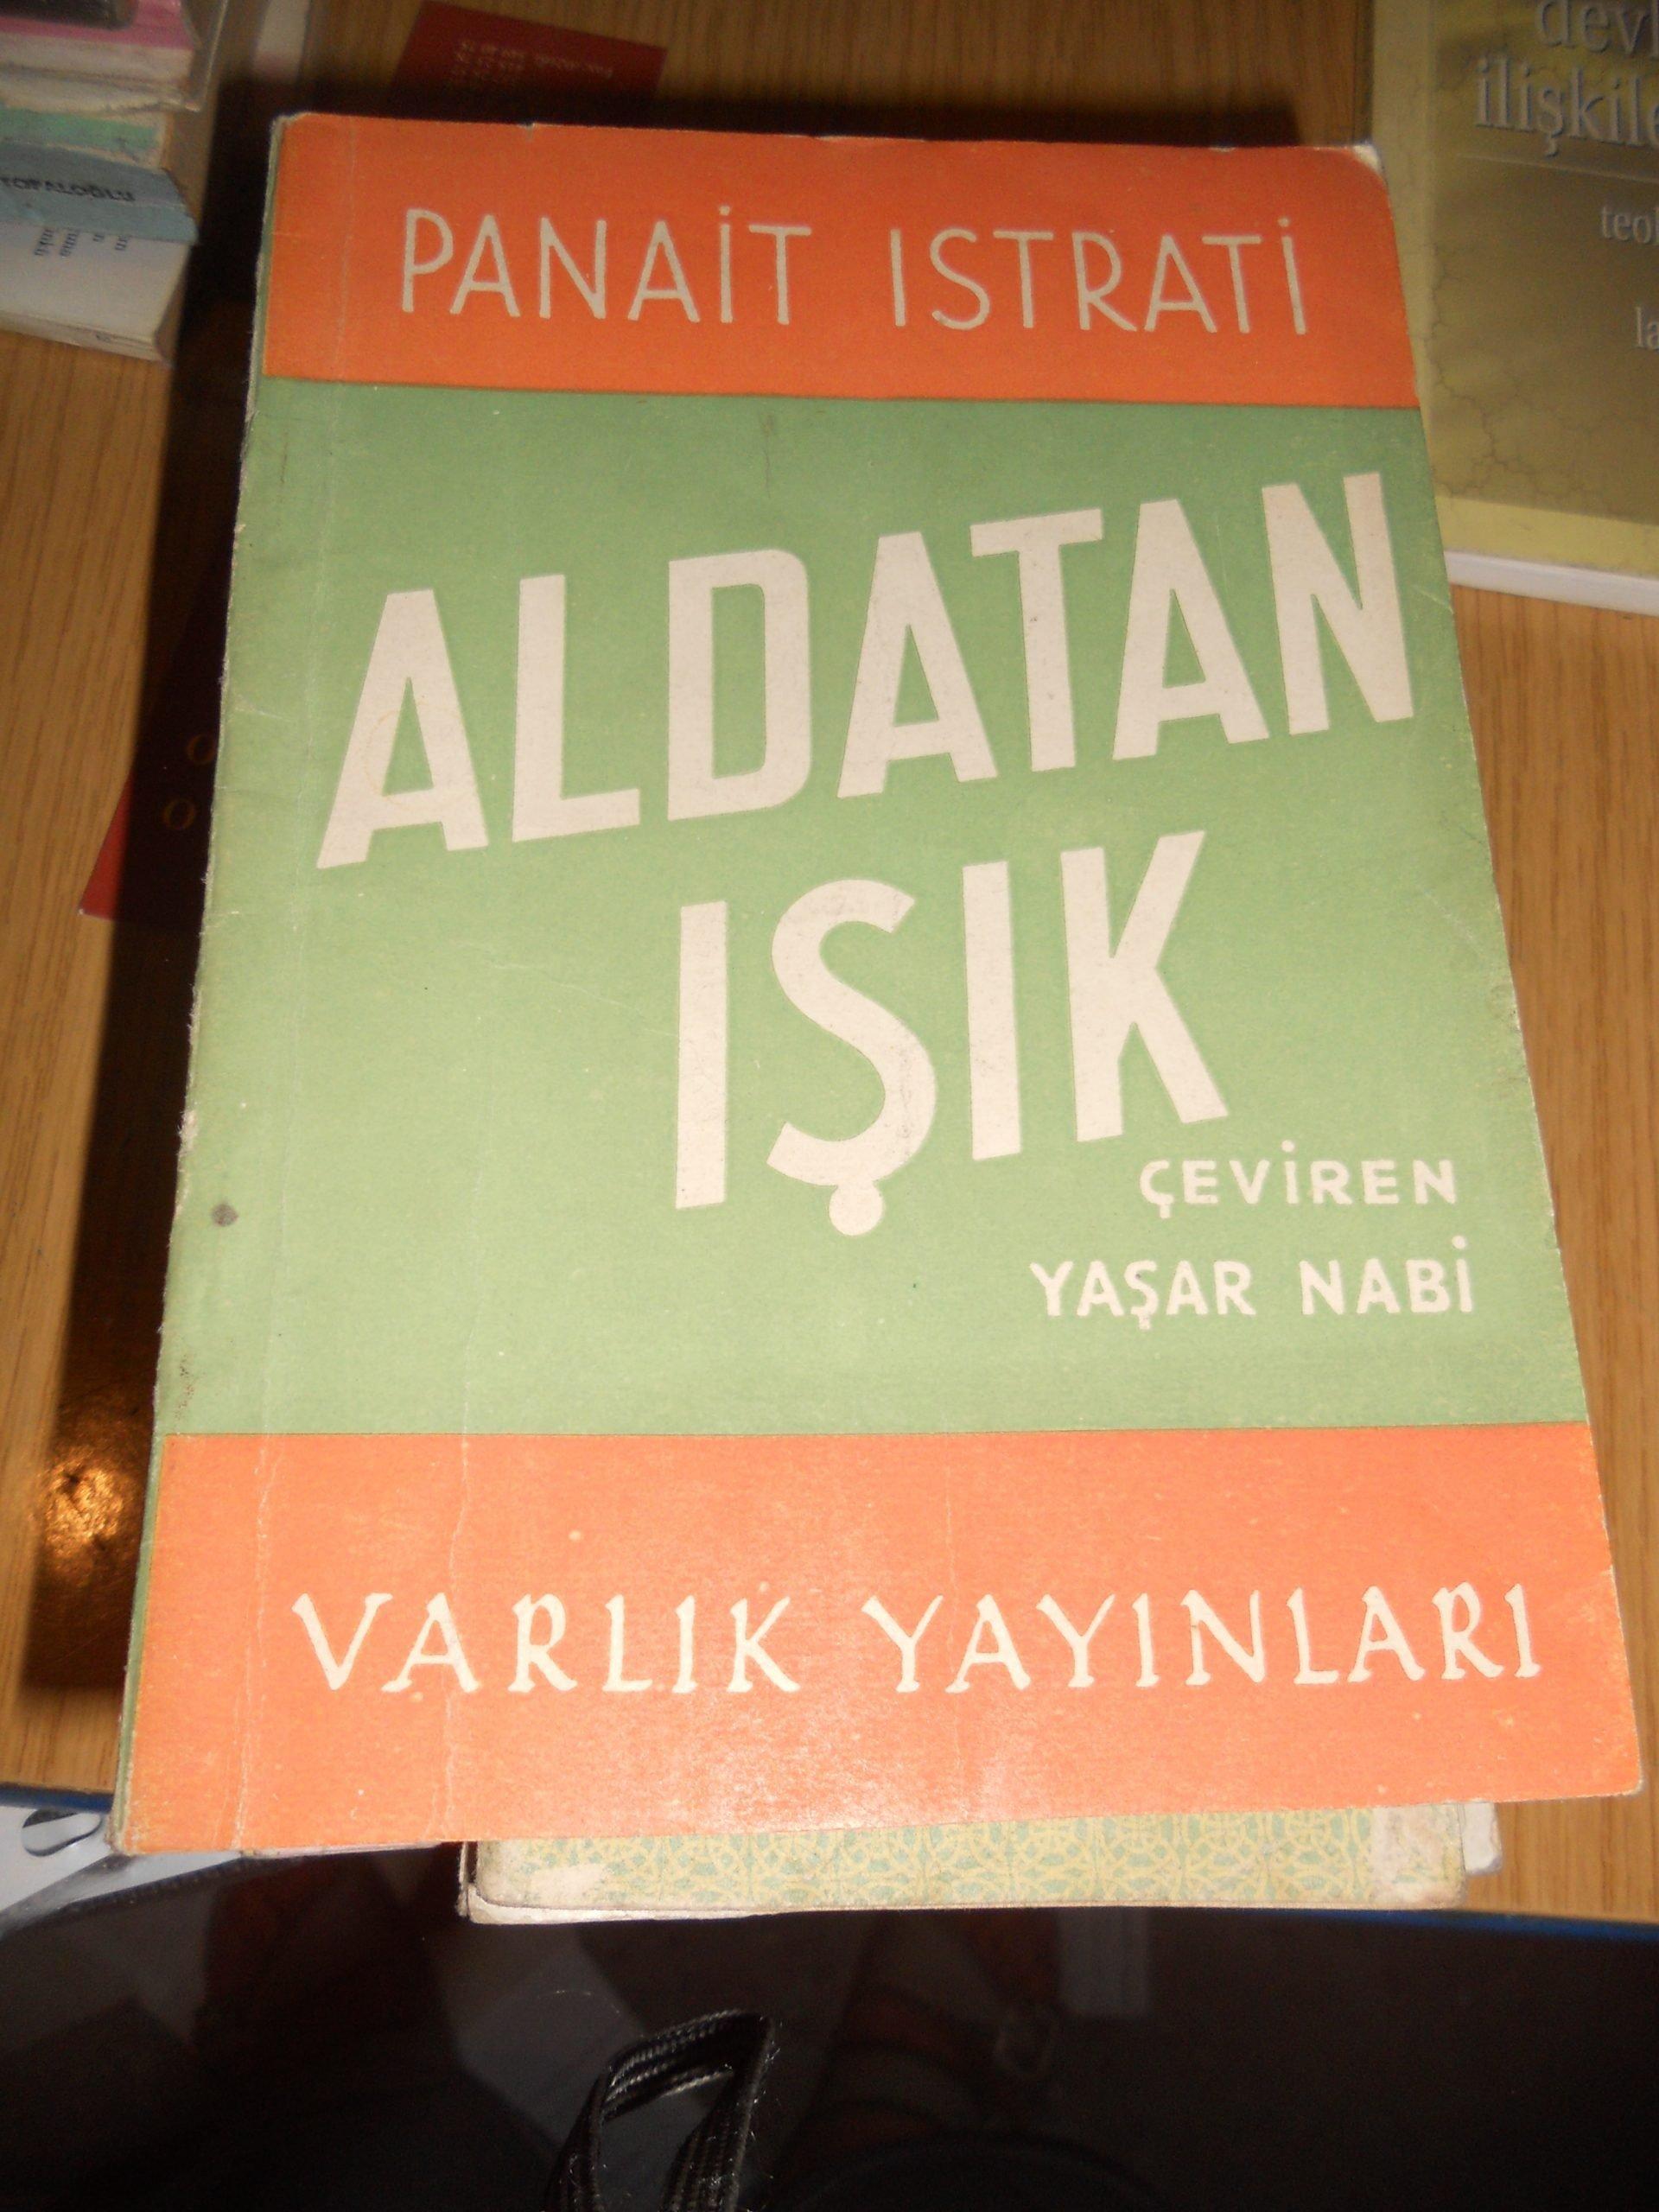 ALDATAN IŞIK/Panaıt ISTRATİ/10 TL